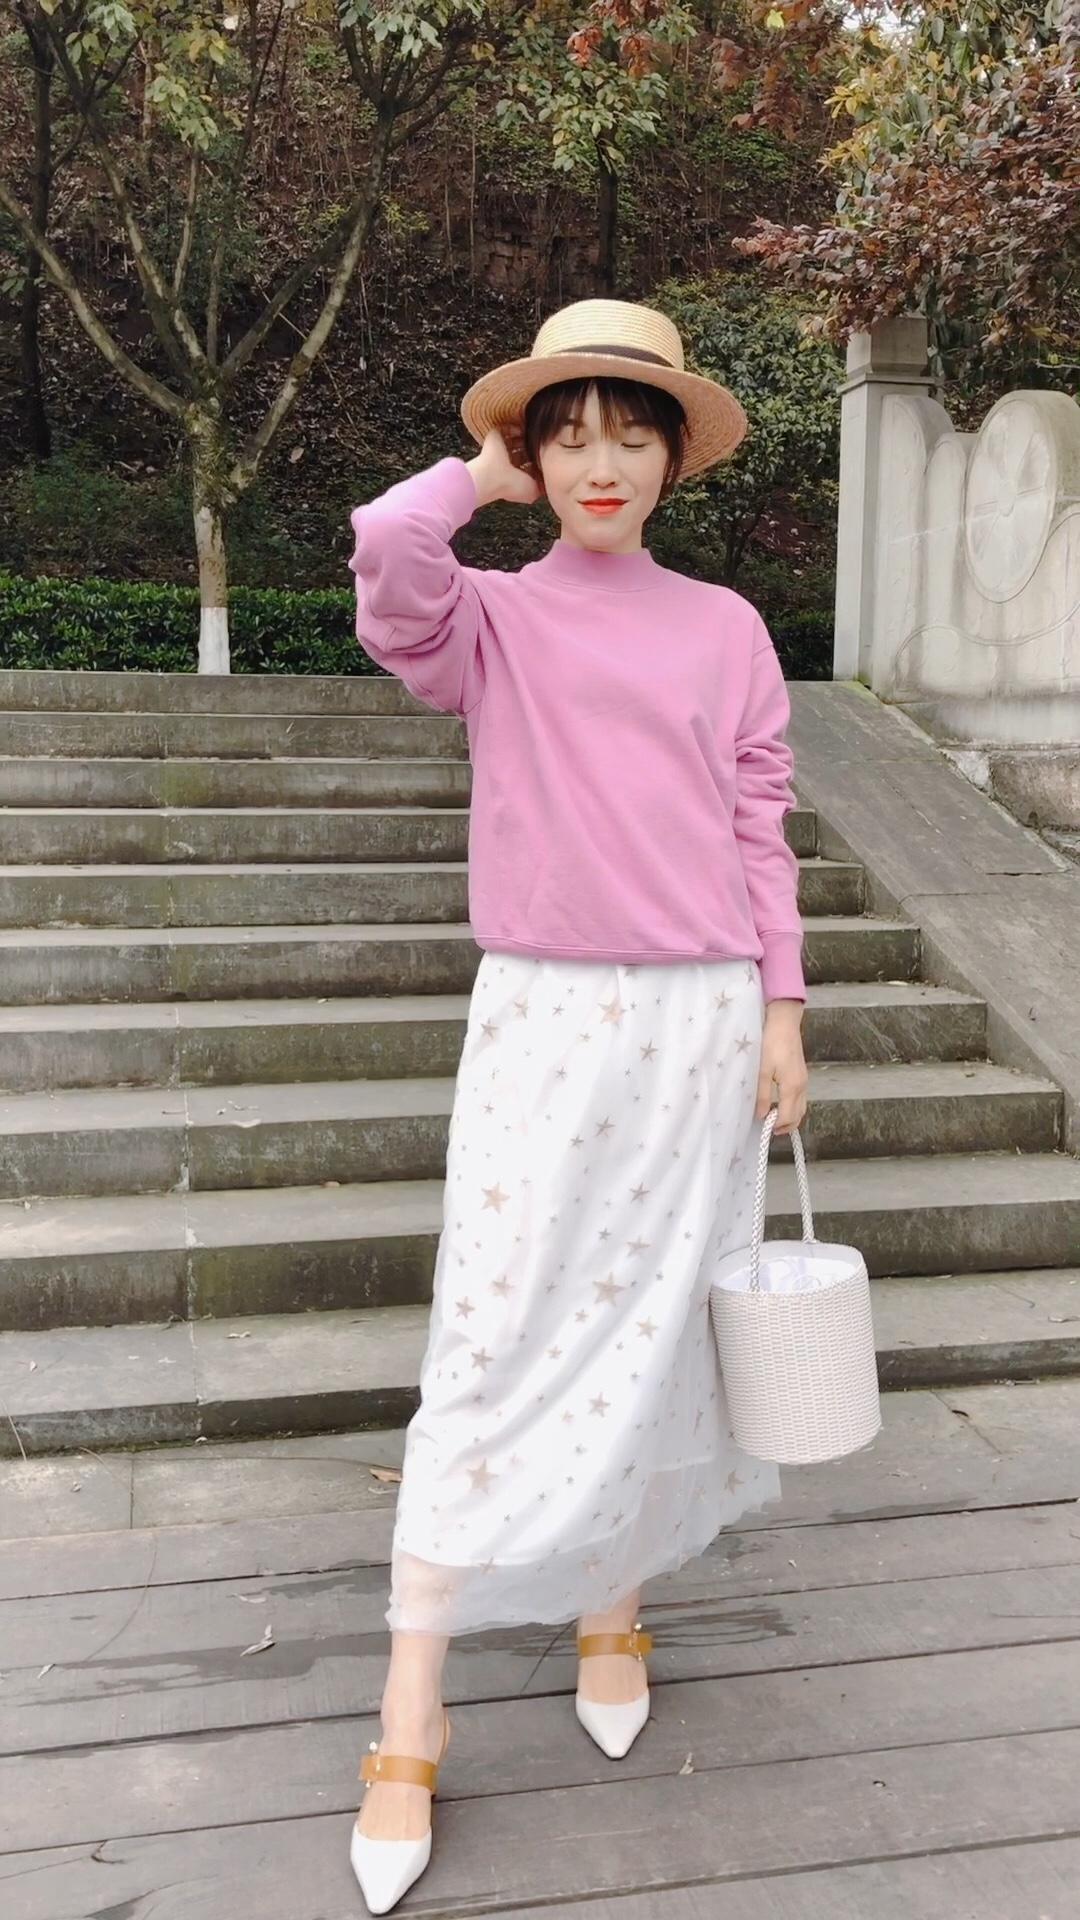 #UNLOCK!解锁新潮流的色彩密码# 紫色半高领卫衣比较休闲的款式 搭配柔美的星星纱裙 两种不同的元素也能擦出不一样的火花